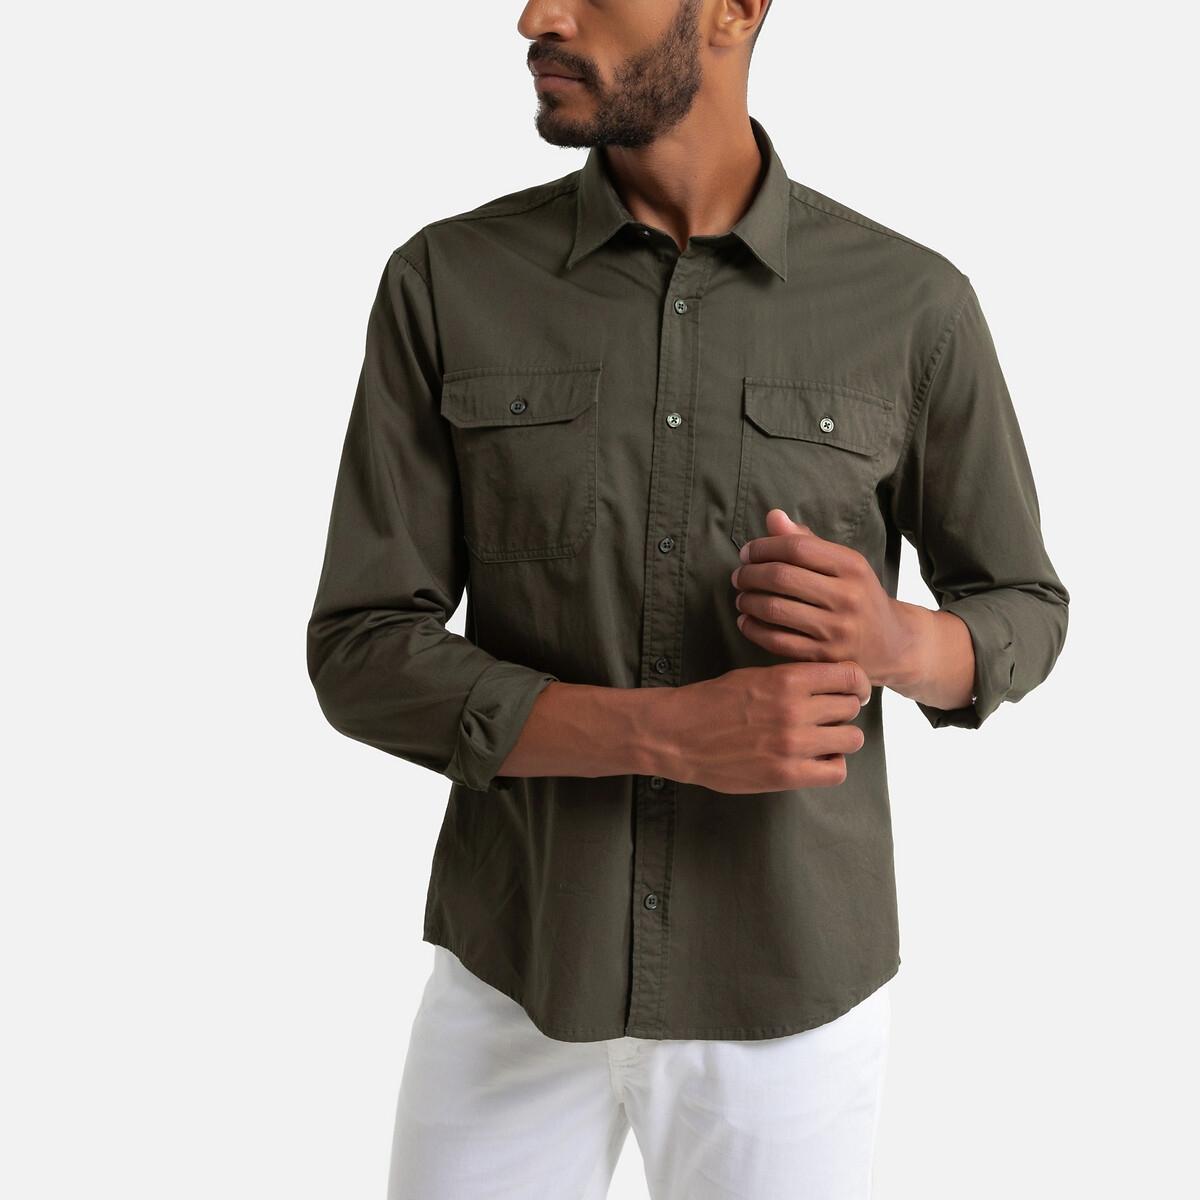 Рубашка LaRedoute Прямого покроя с карманами на груди длинные рукава 45/46 зеленый блузка laredoute прямого покроя с бахромой l бежевый